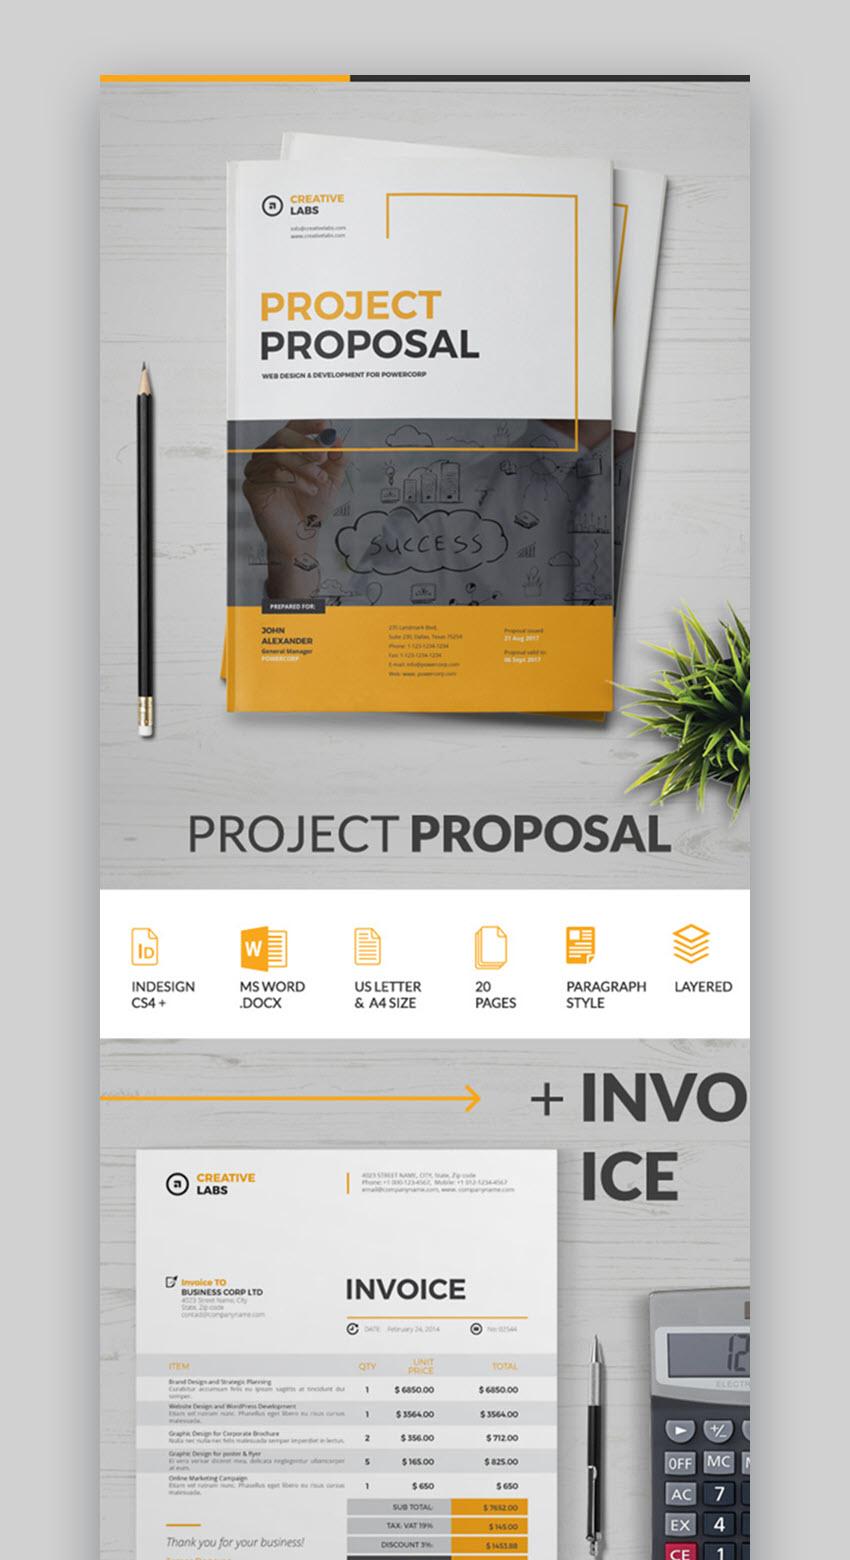 Plantilla simple para propuesta con excelente organizacion